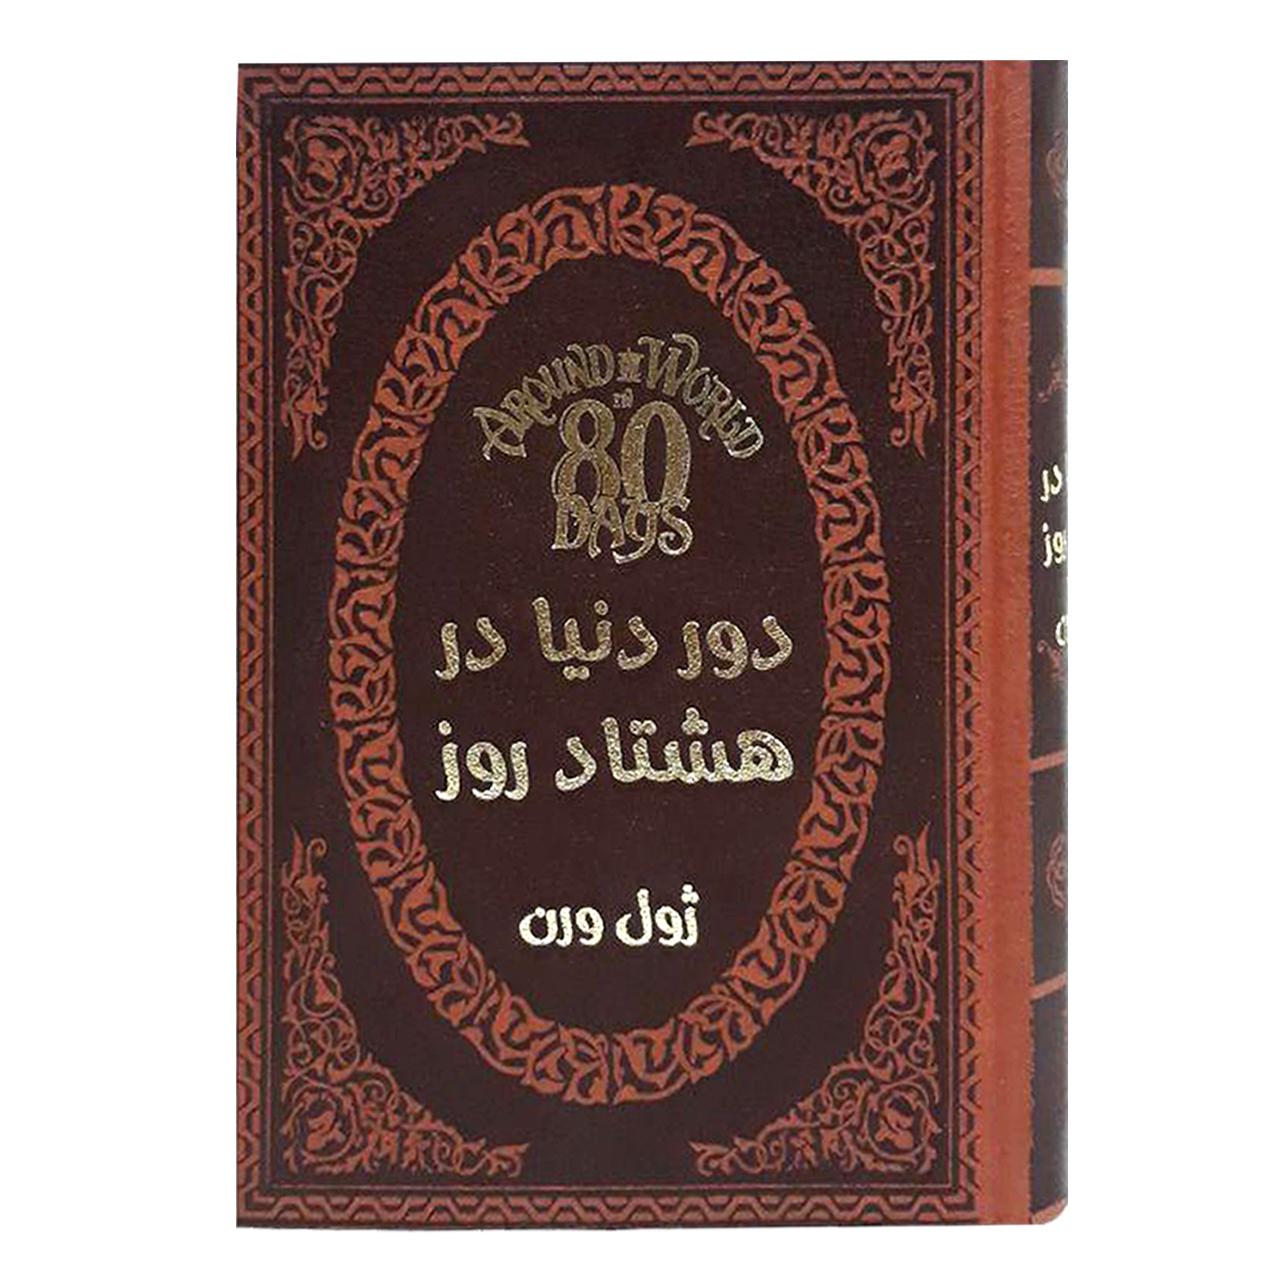 کتاب دور دنیا در هشتاد روز اثر ژول ورن انتشارات پارمیس